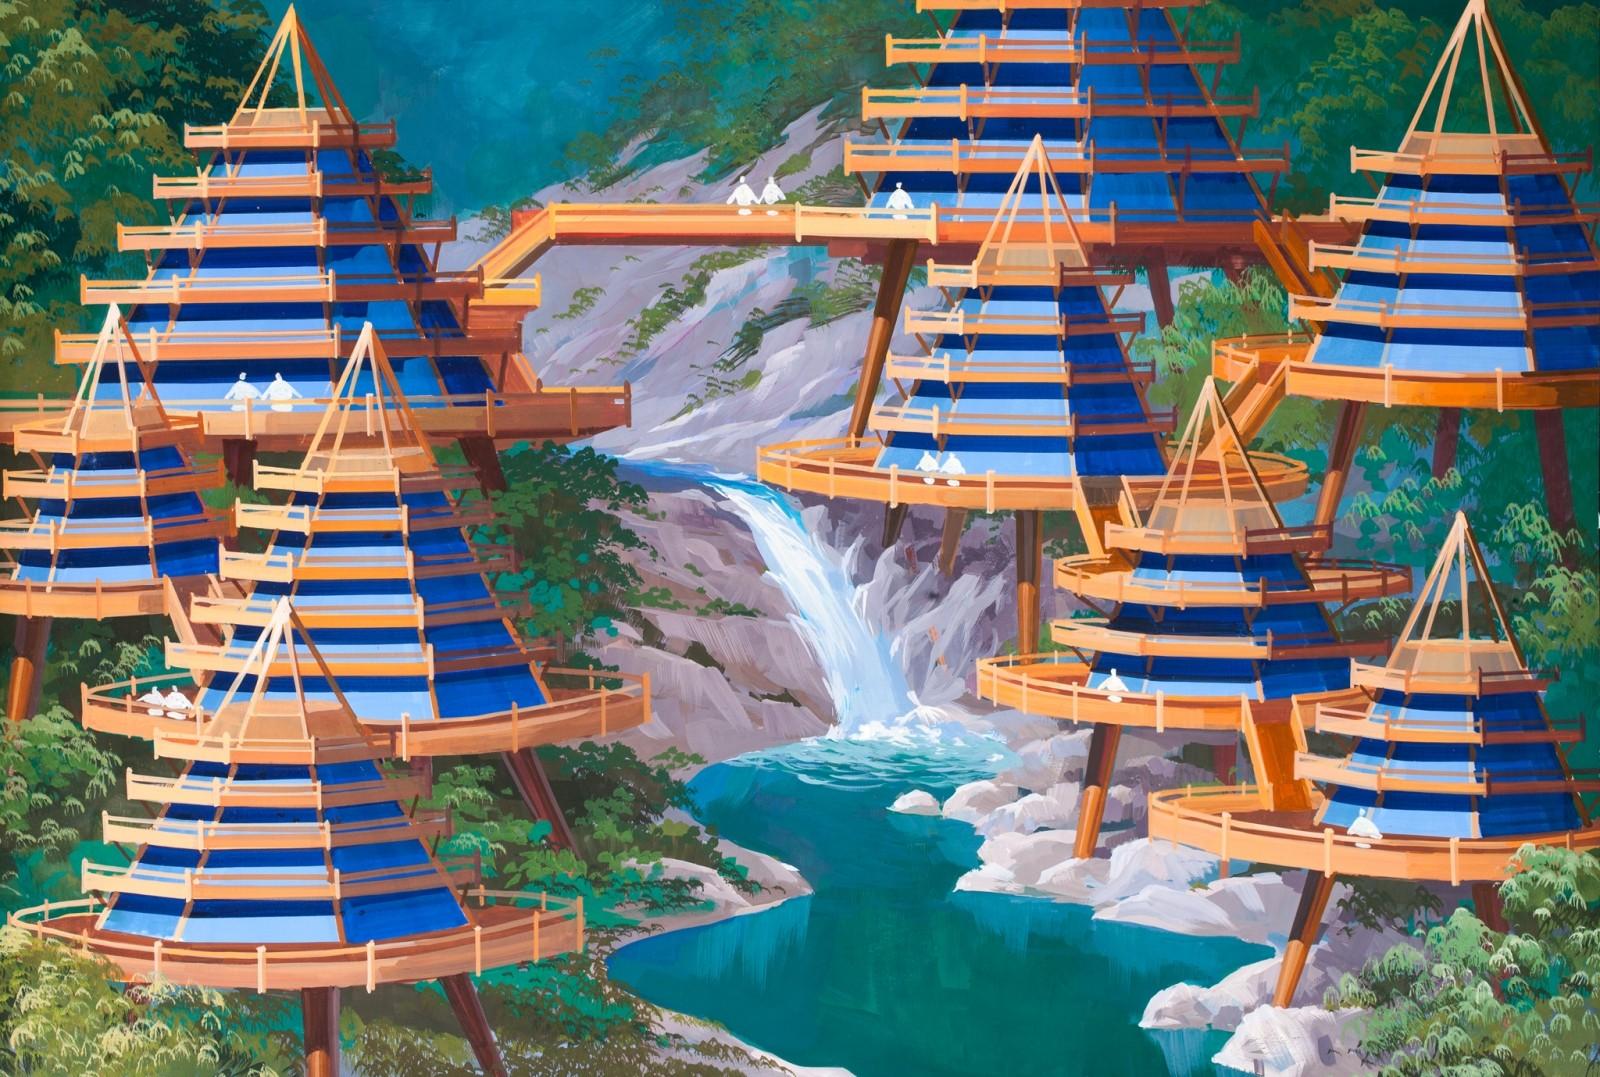 Desarrollo costero a los pies del Monte Kumgang. Imagen cortesía de Koryo Tours